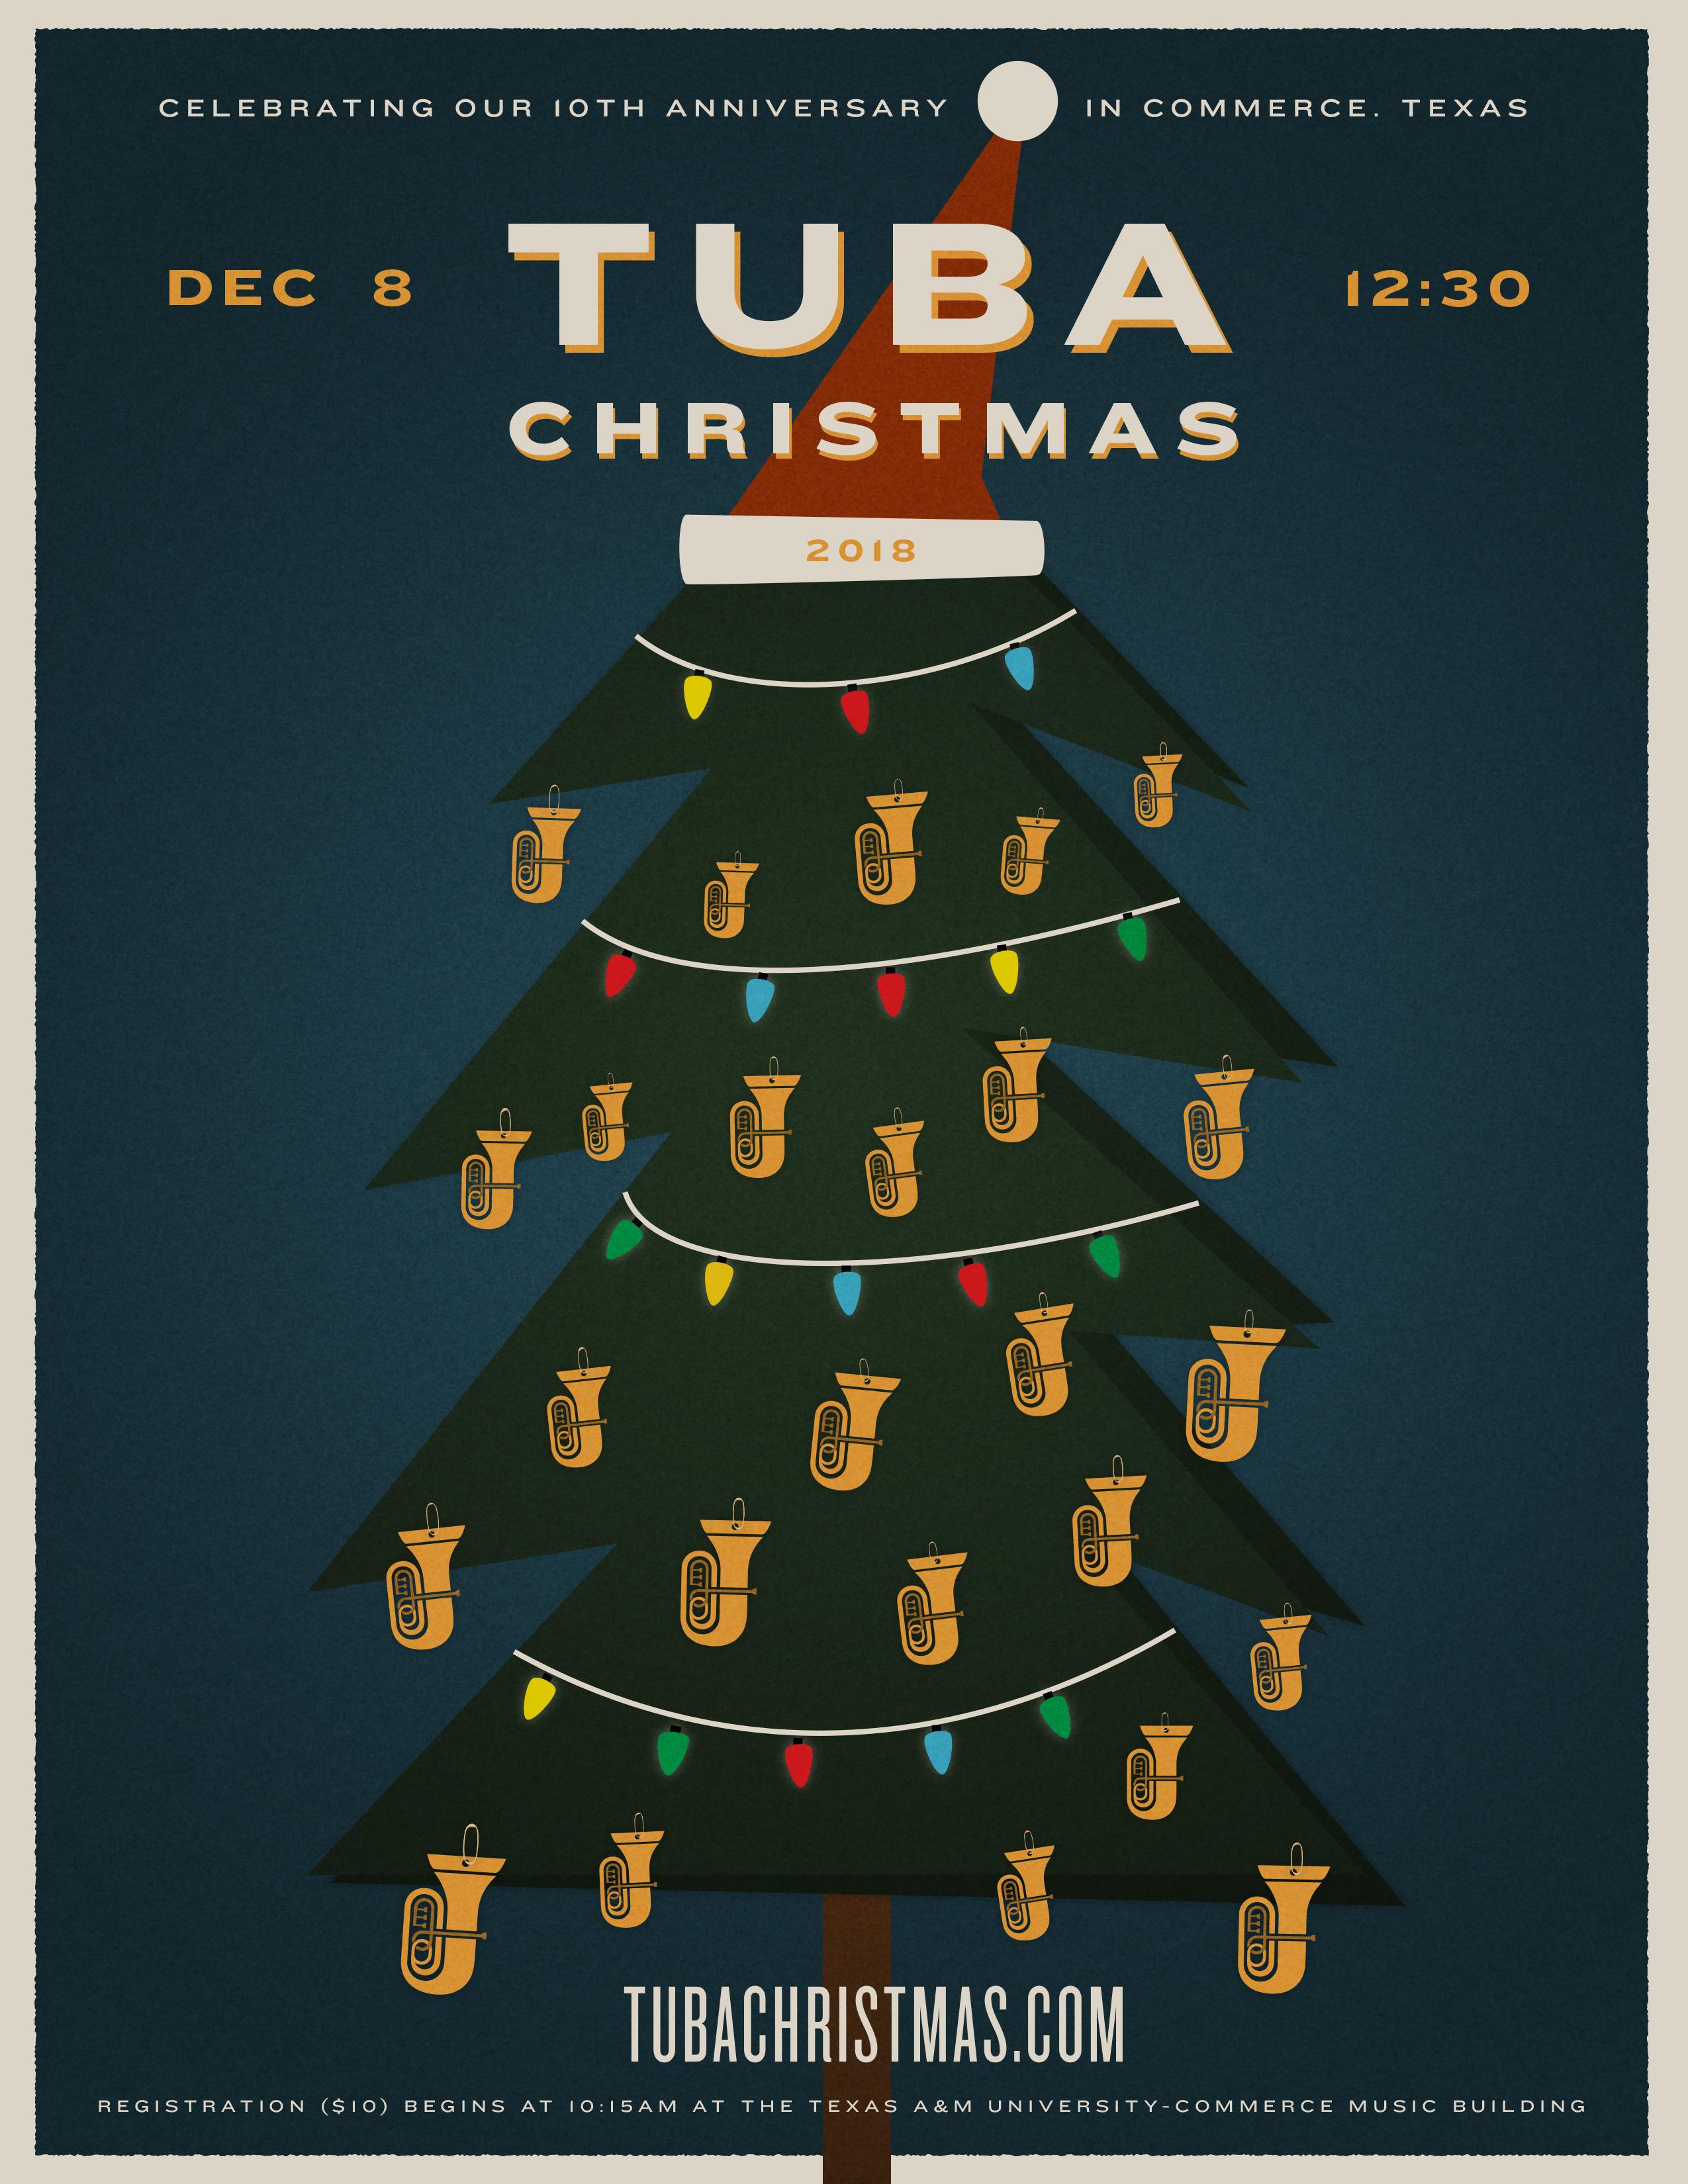 TUBA CHRISTMAS 2018 SMALL